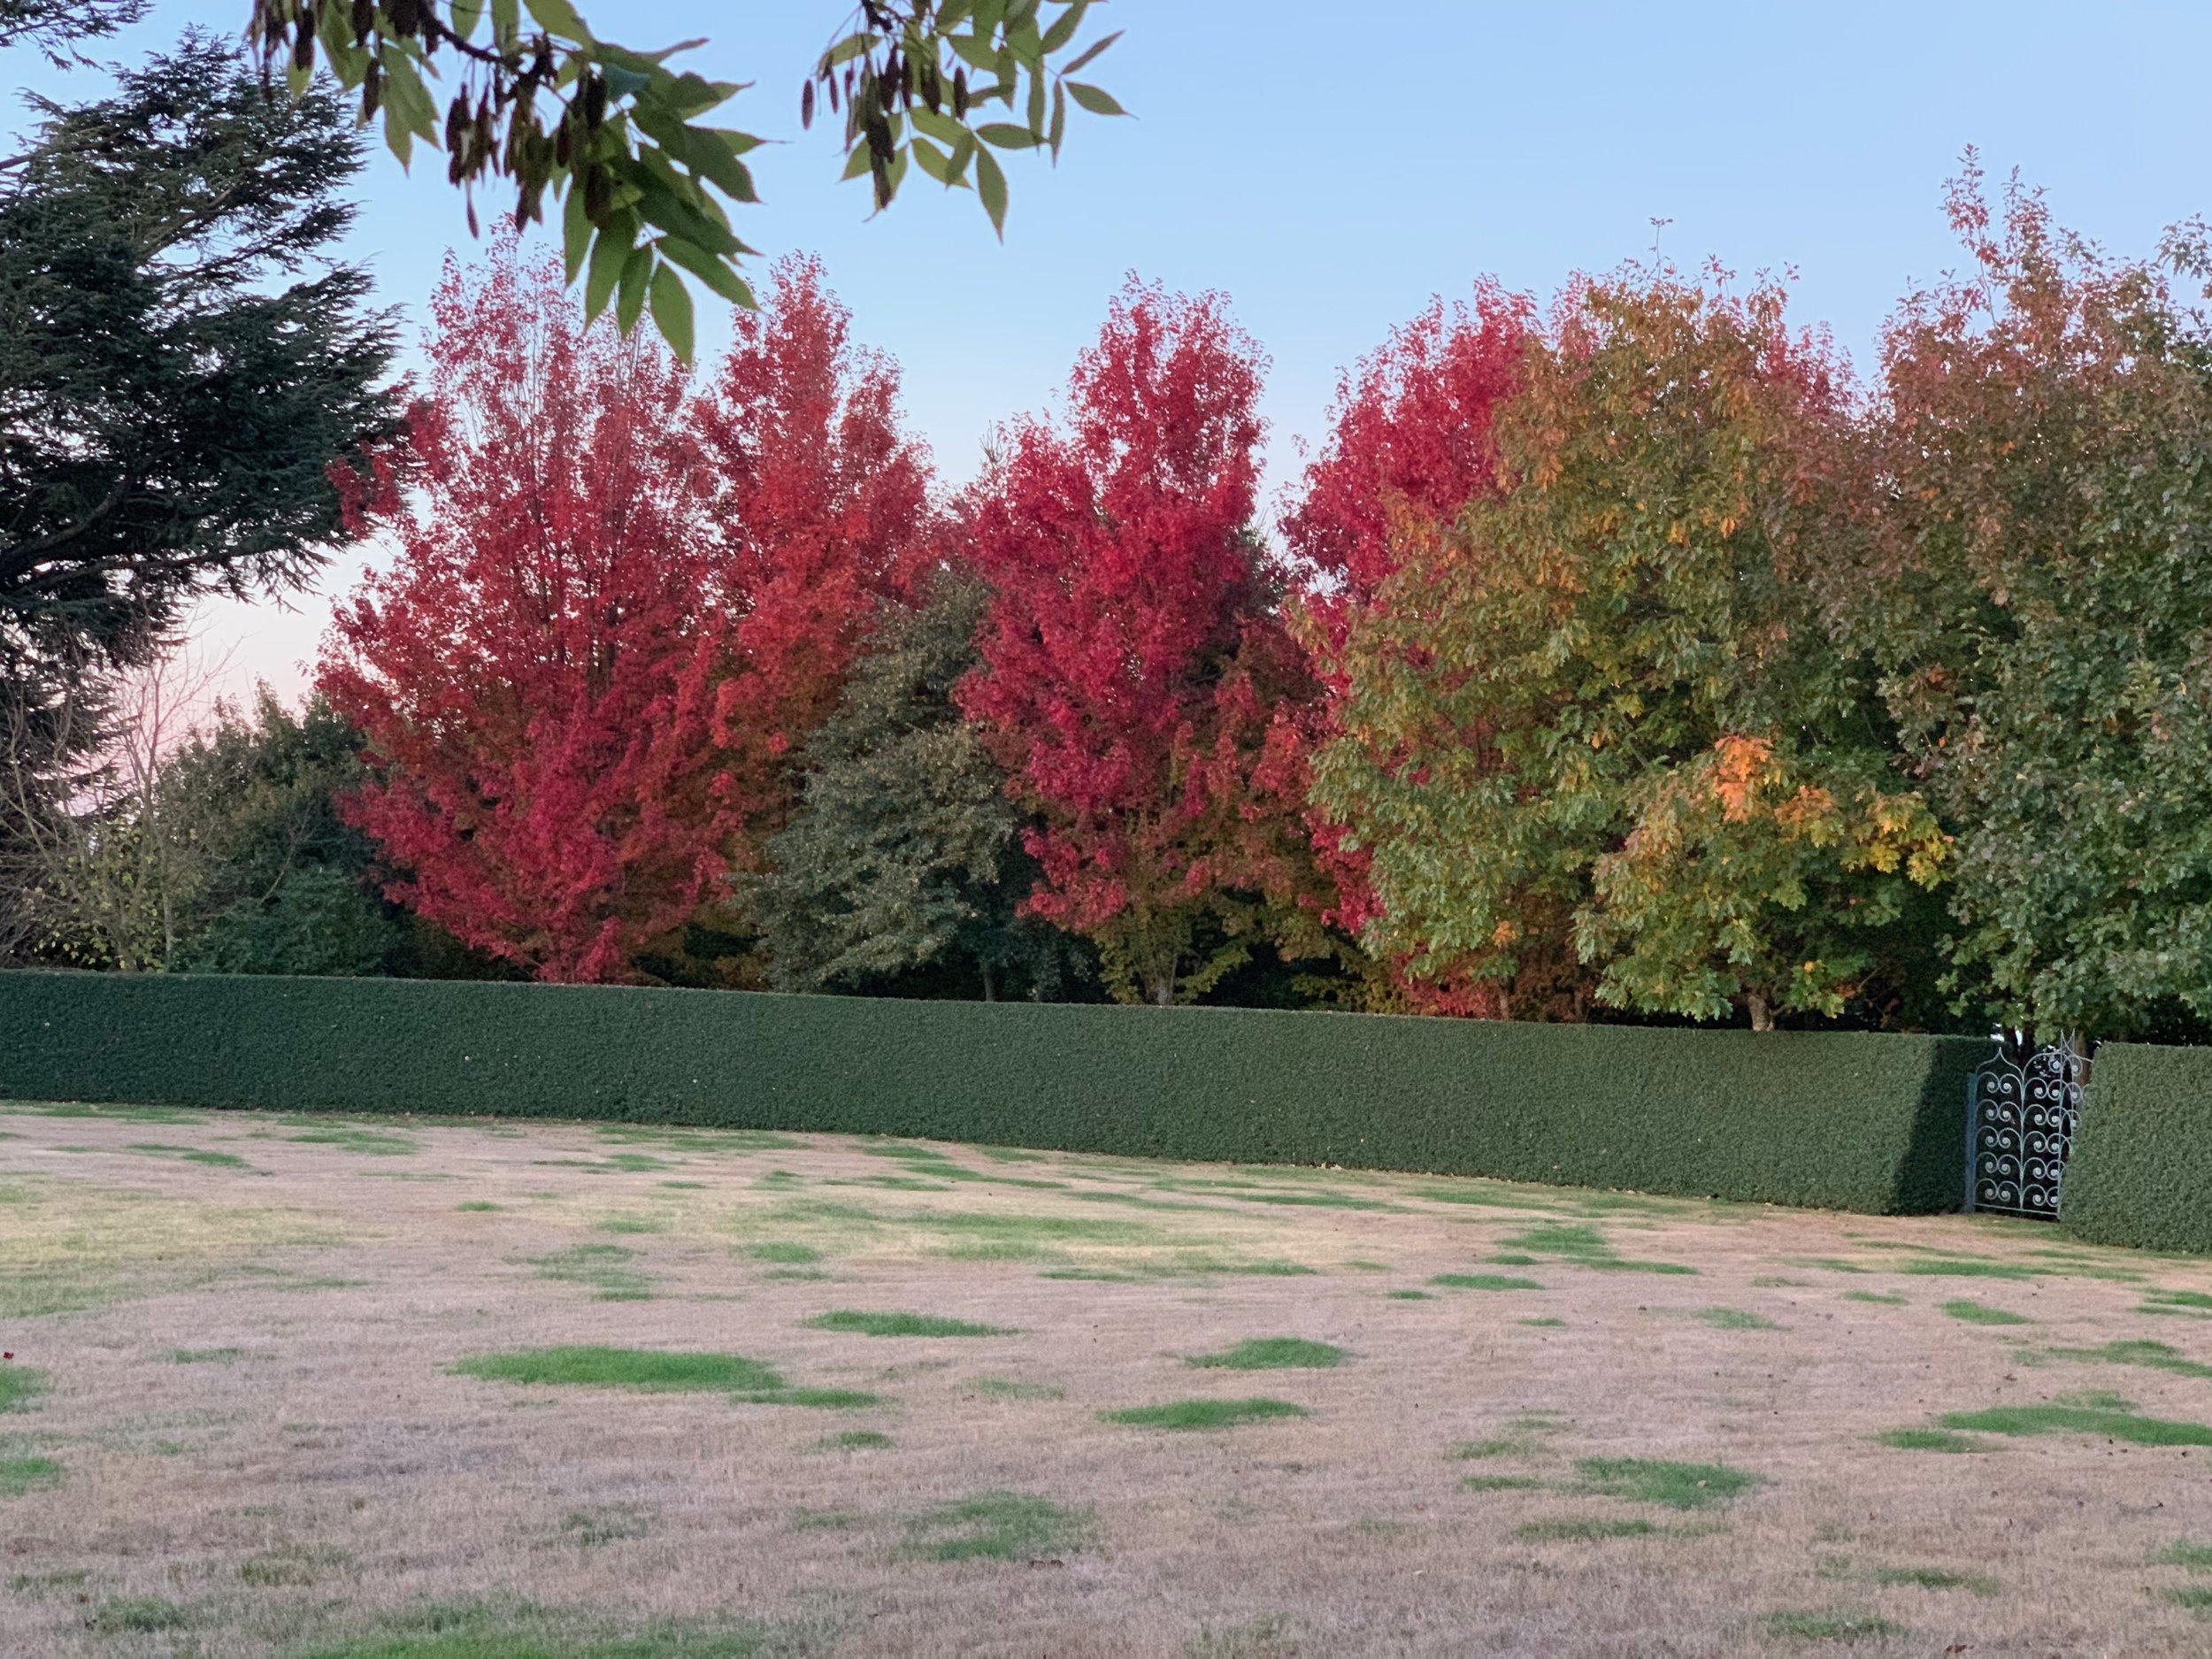 musk_farm_oval_autumn_IMG_0025.jpeg